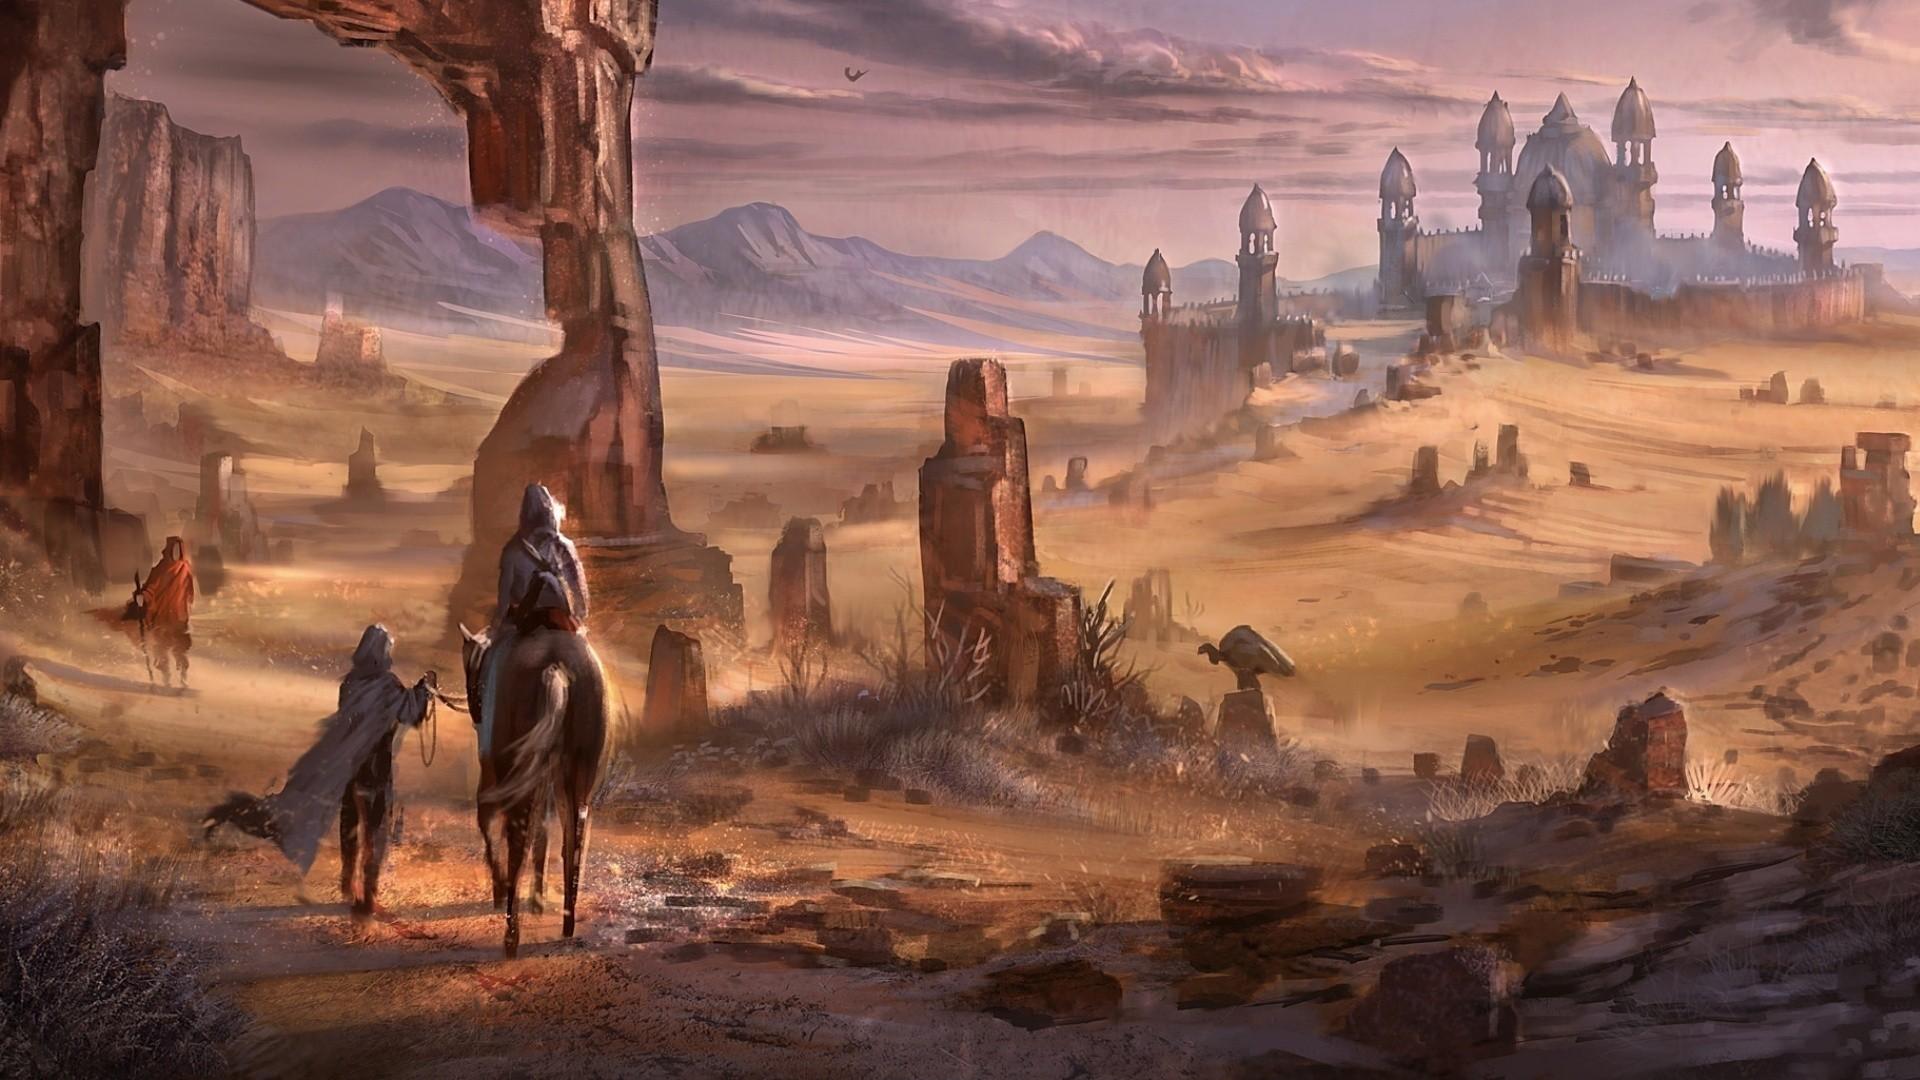 Fond D Ecran Paysage Art Fantastique Desert Plaine